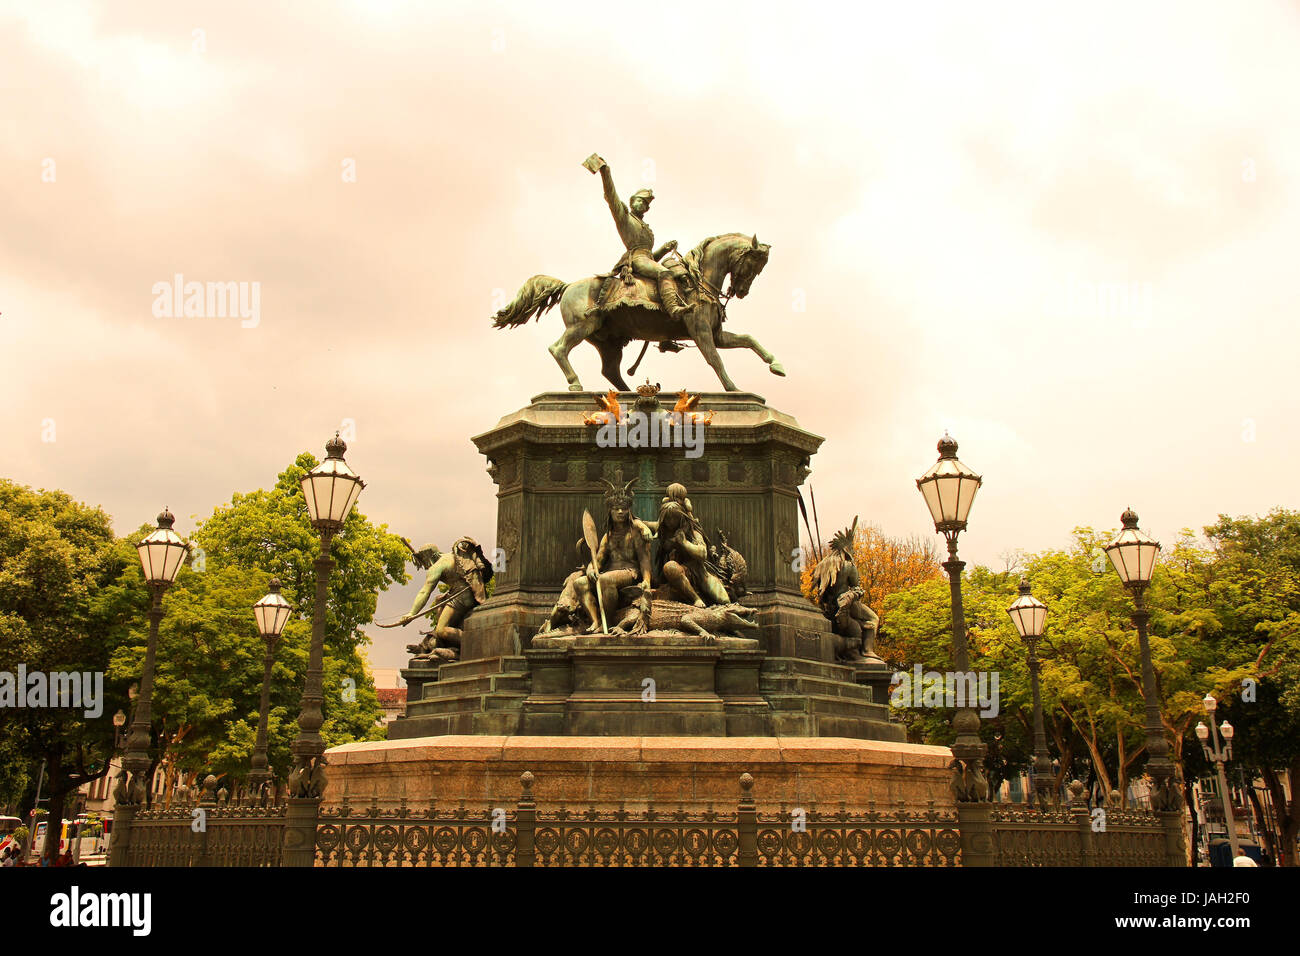 The Est‡tua equestre de D. Pedro I in the Praca Tiradentes in the center of Rio de Janeiro, Brazil, South america. - Stock Image